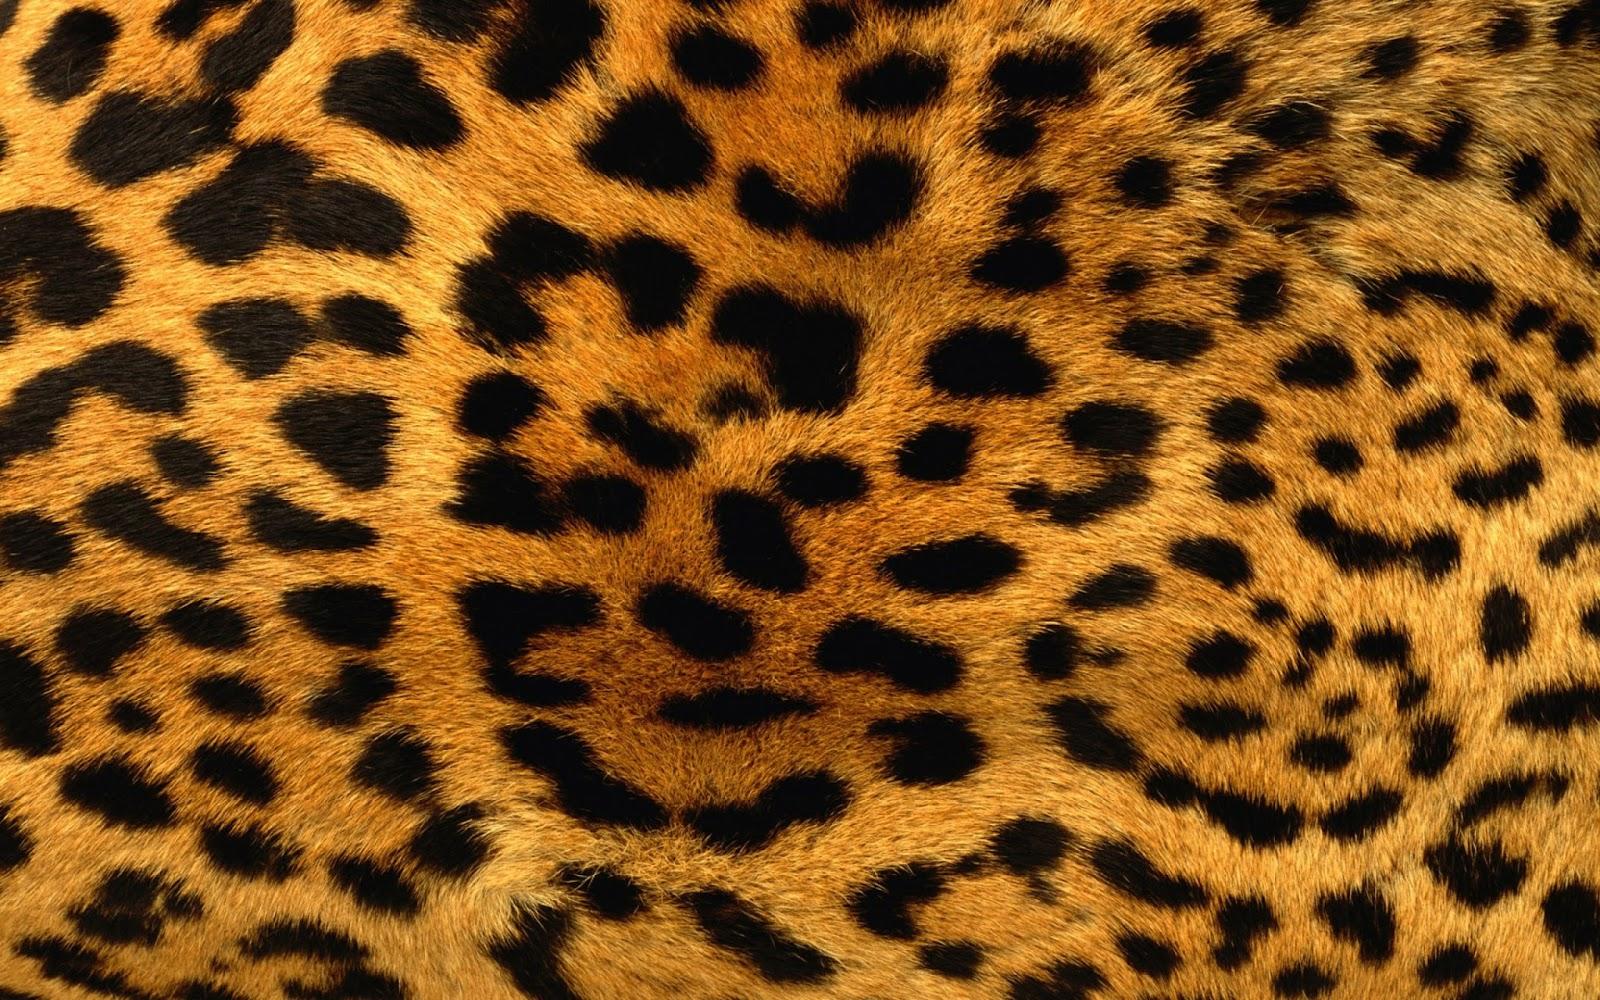 Patada De Caballo Fondos Animados: Patada De Caballo: Animal Print